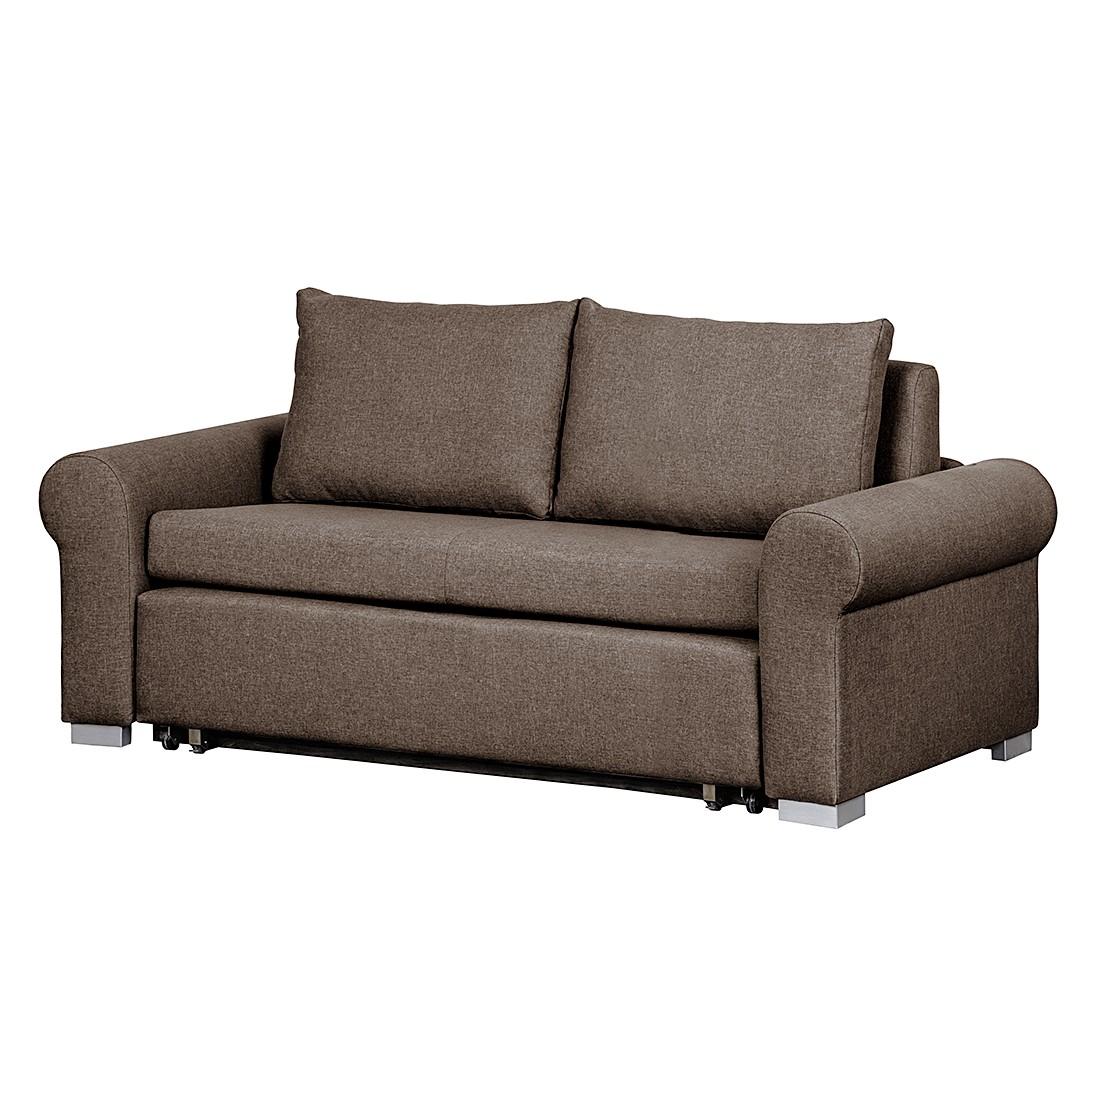 Schlafsofa Latina Country – Webstoff Braun – Breite: 205 cm, roomscape günstig kaufen